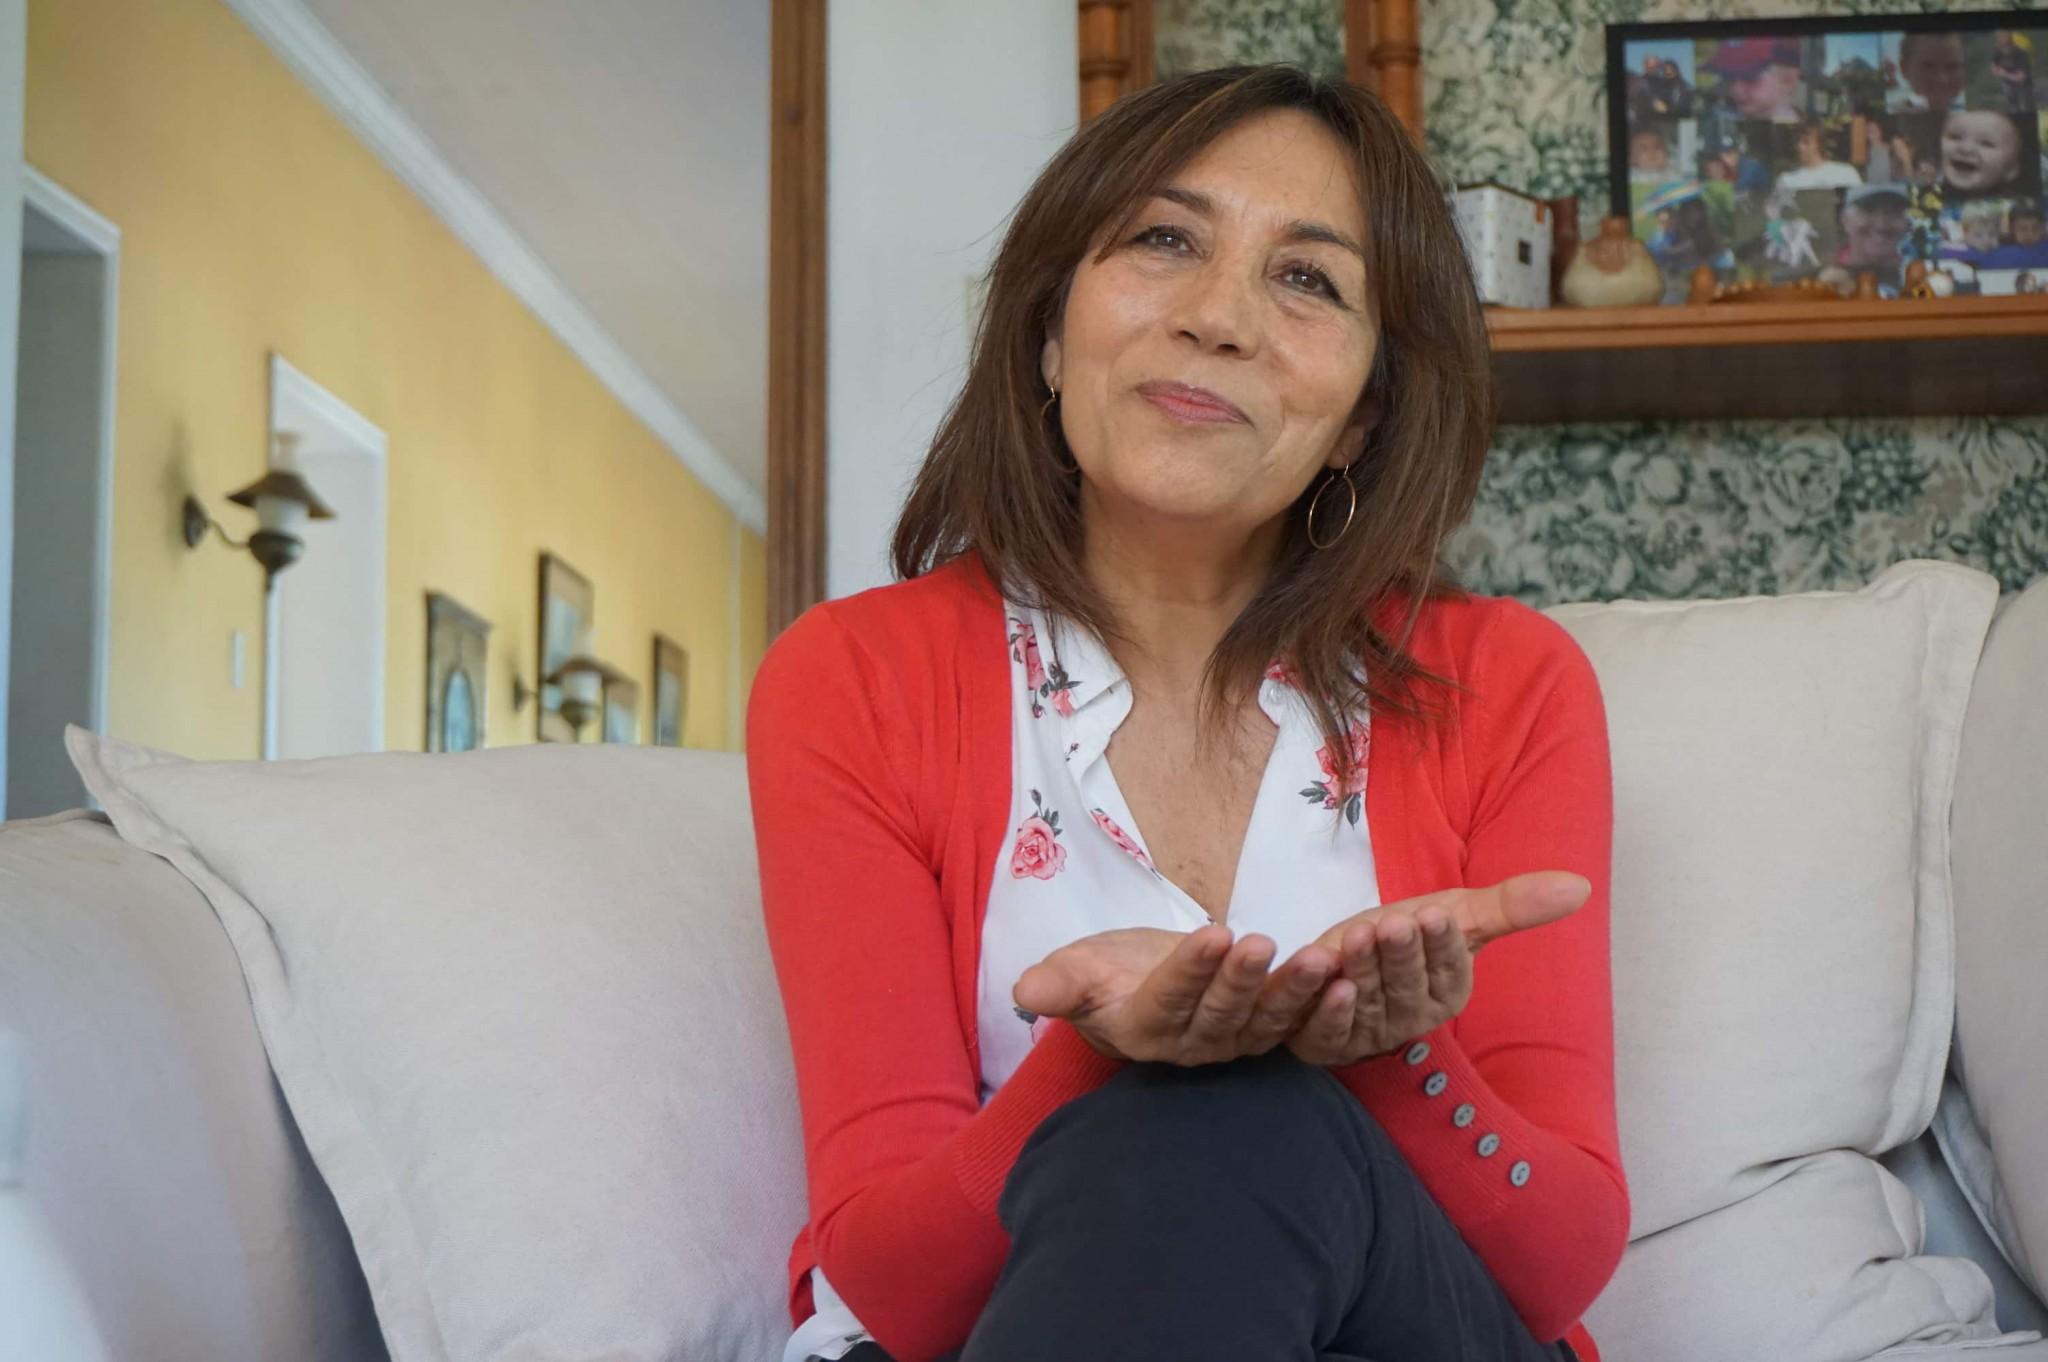 Inspirada en la agricultura: Isabel Quiroz nos cuenta sobre su candidatura a constituyente